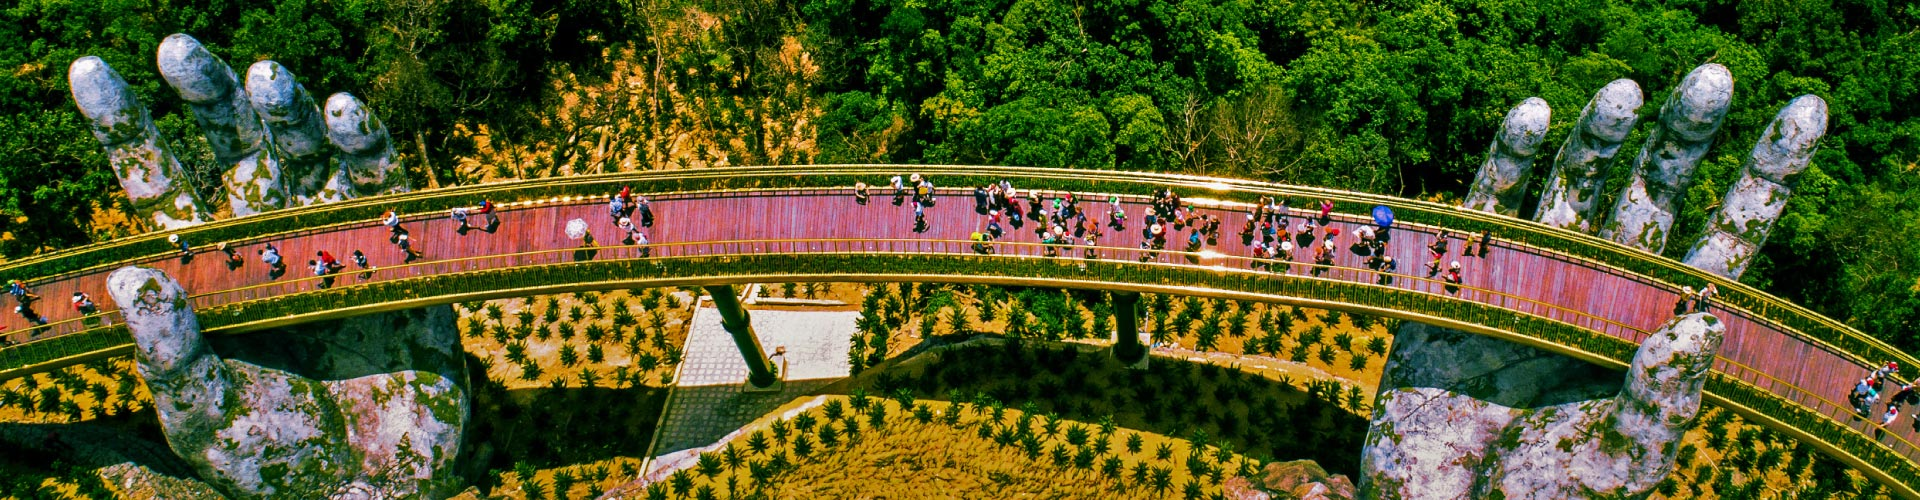 Da Nang, Ba Na Hills + The Ancient Hoi An & Hue